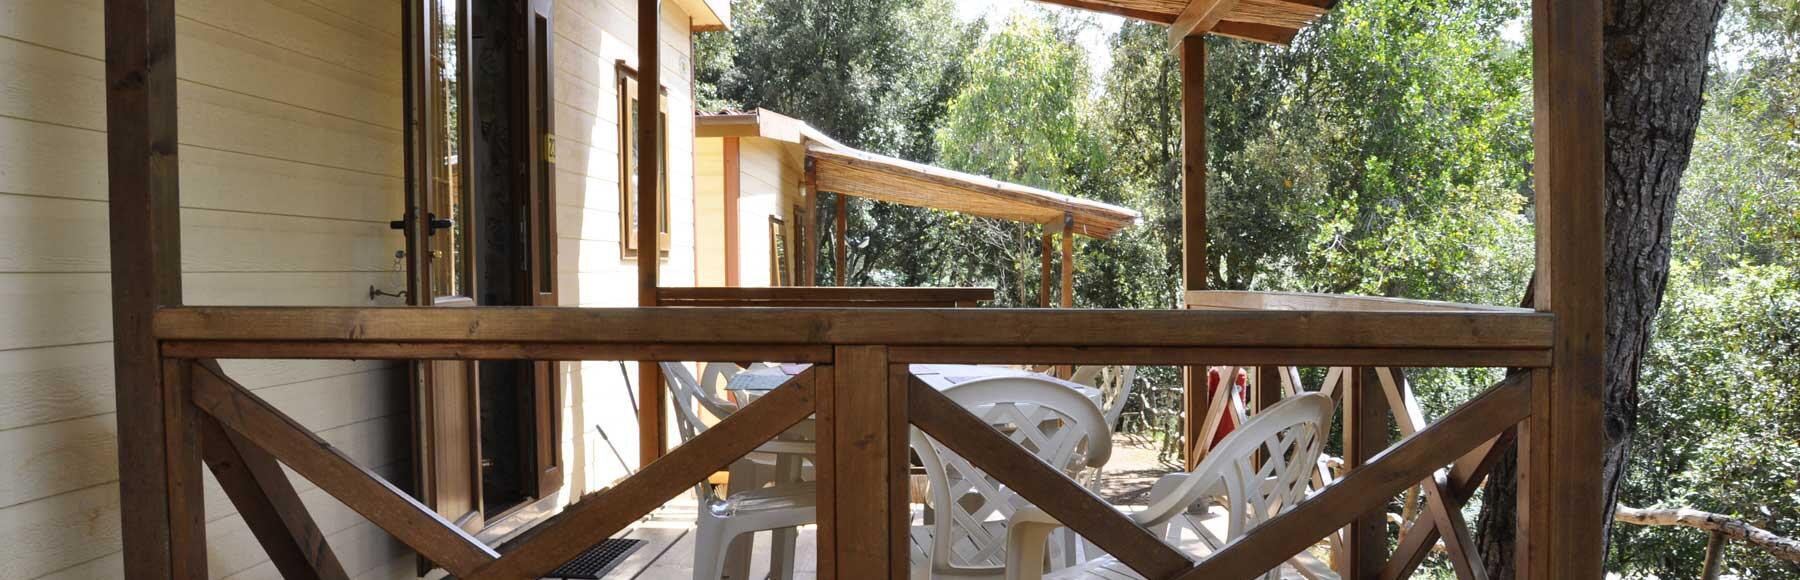 elbadoc-campingvillage it seregola 006